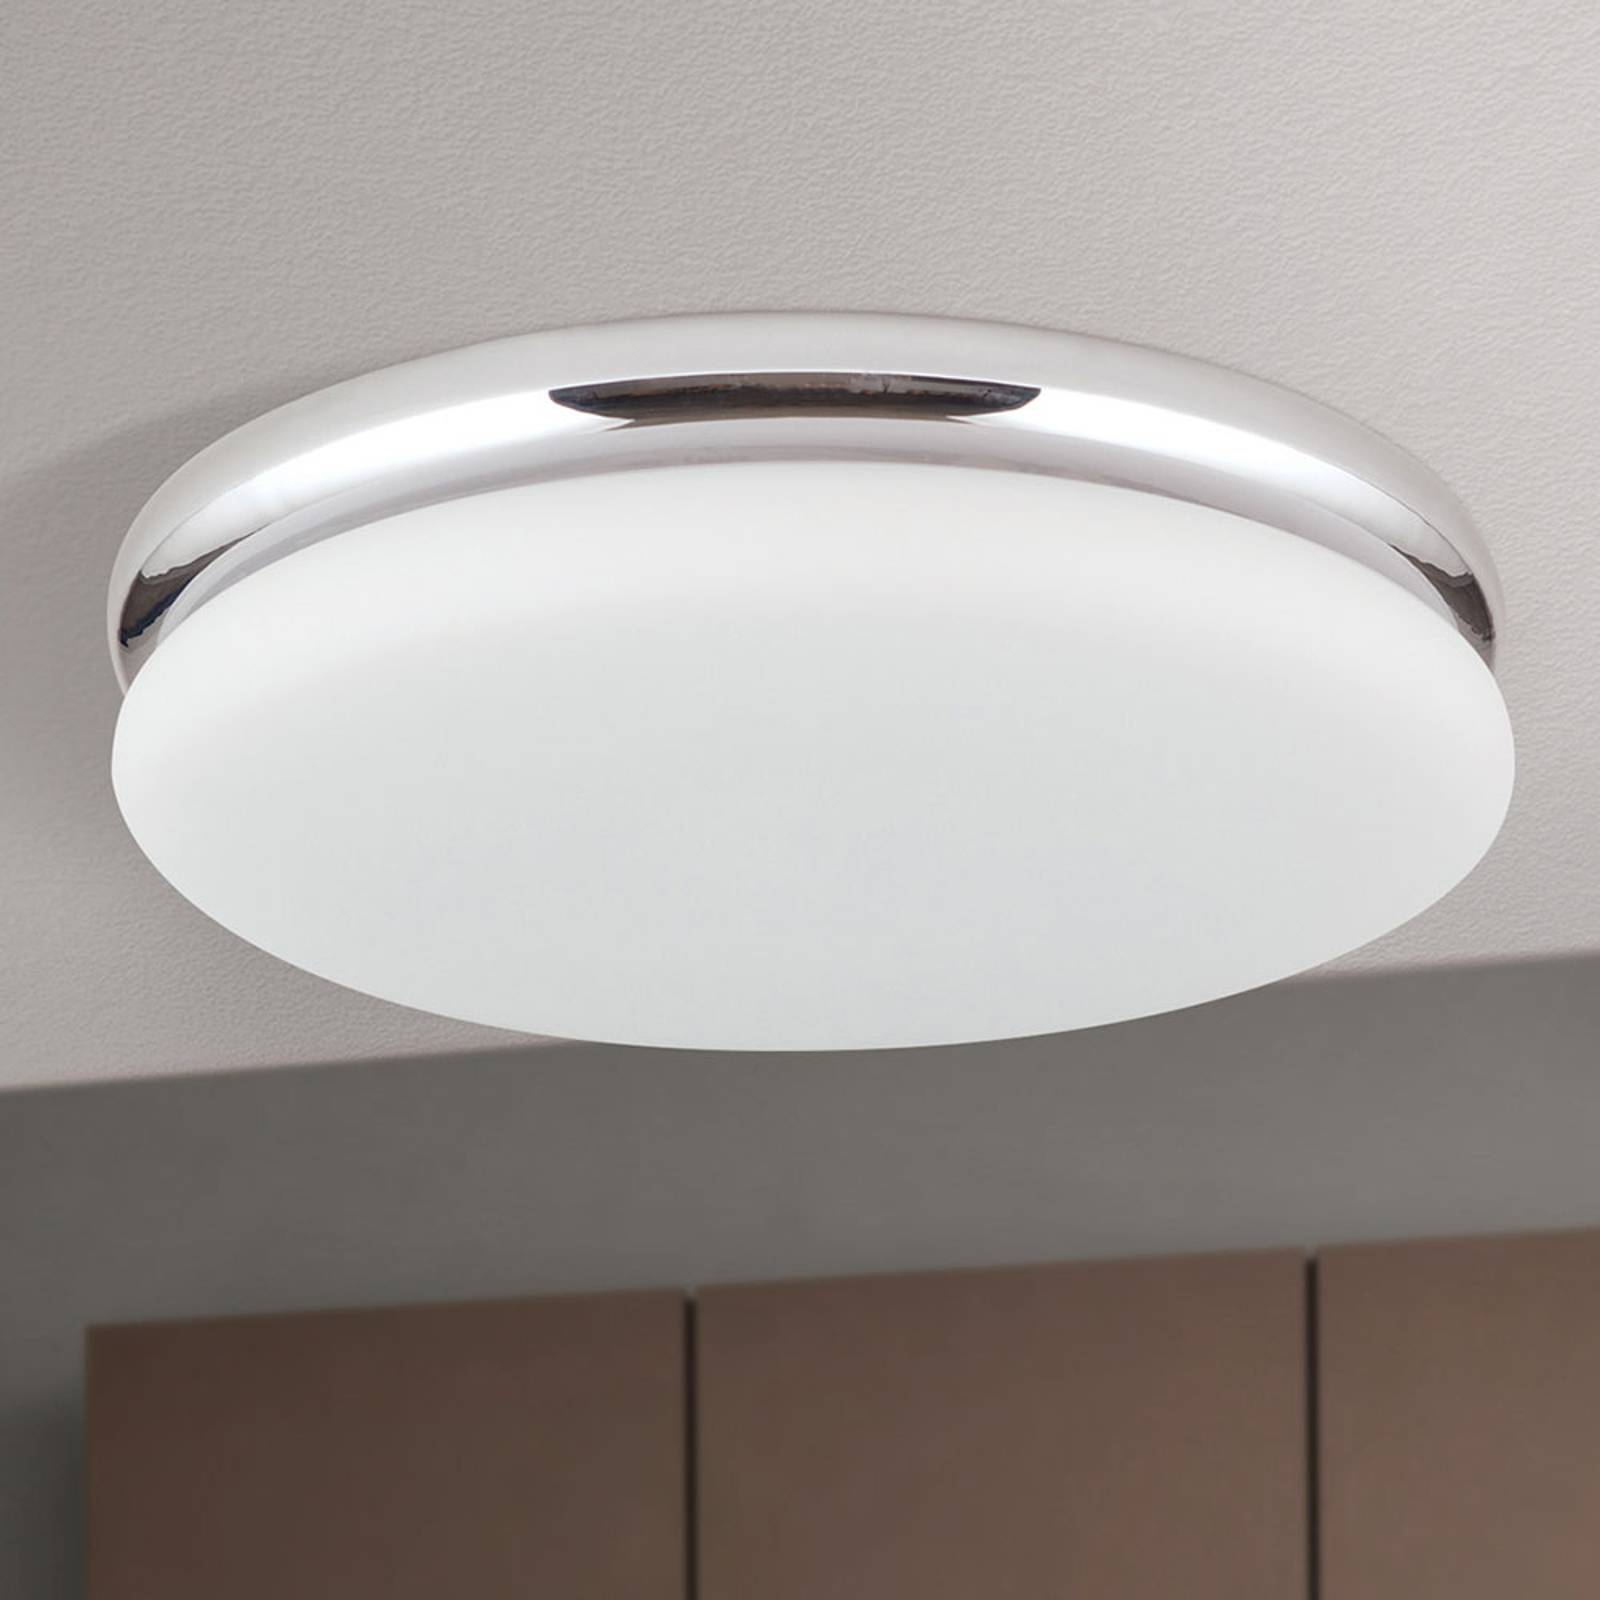 LED-kattovalaisin James, metallirunko, kromattu